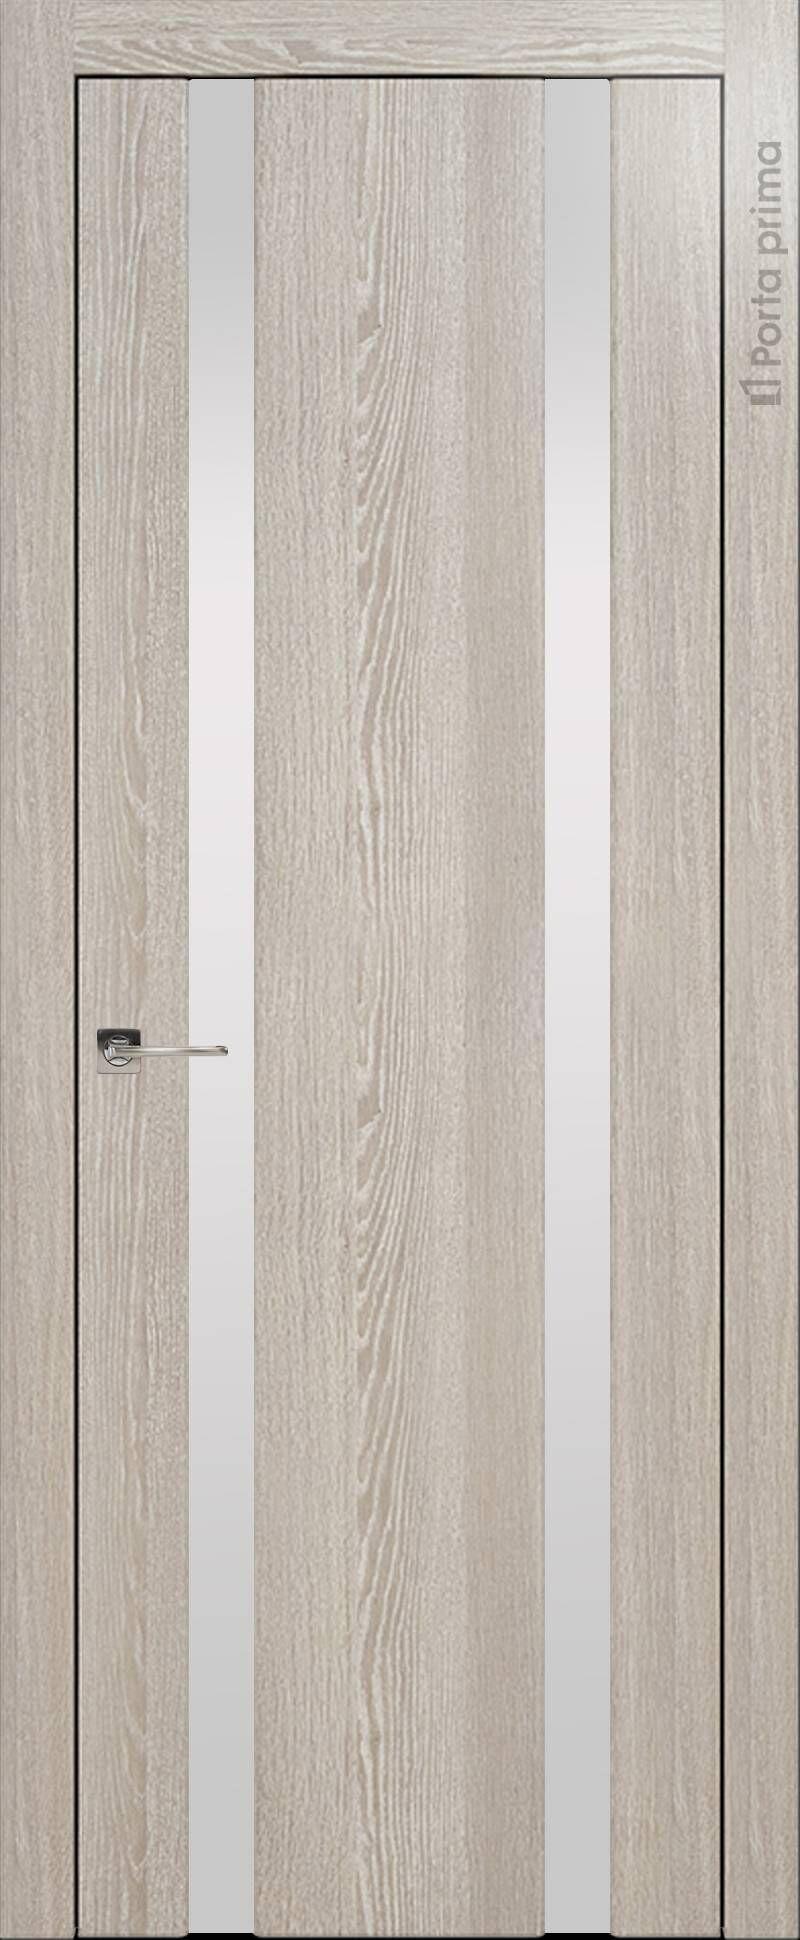 Torino цвет - Серый дуб Без стекла (ДГ-2)